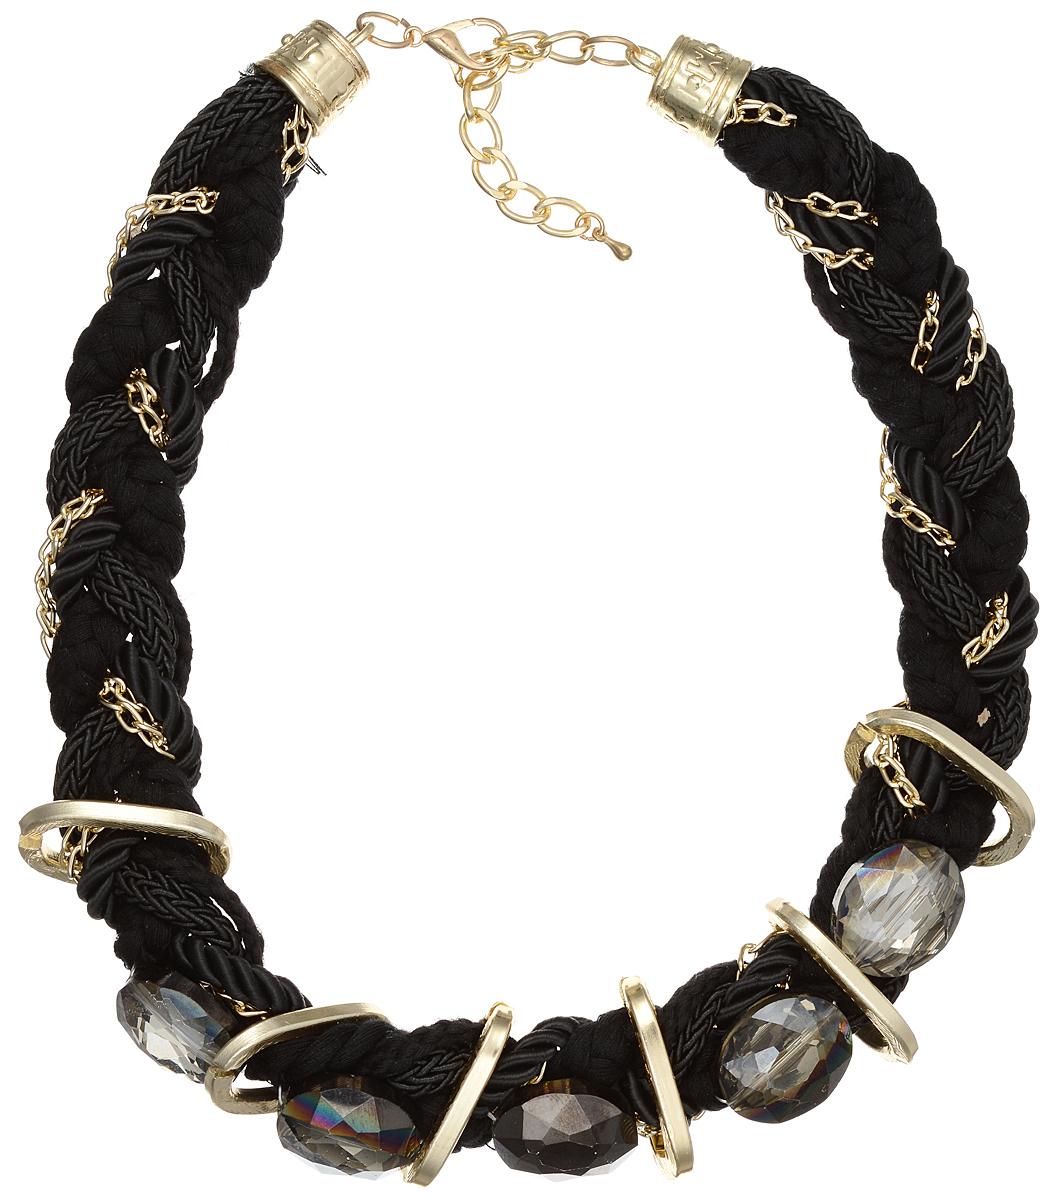 Колье Taya, цвет: черный, золотой. T-B-9026T-B-9026-NECK-BLACKЭлегантное колье Taya выполнено из текстиля и бижутерийного сплава, сплетенных в косичку. Центральная часть оформлена гранеными стеклянными камнями. Колье застегивается на практичный замок-карабин, длина изделия регулируется за счет дополнительных звеньев. Колье Taya выгодно подчеркнет изящество, женственность и красоту своей обладательницы.